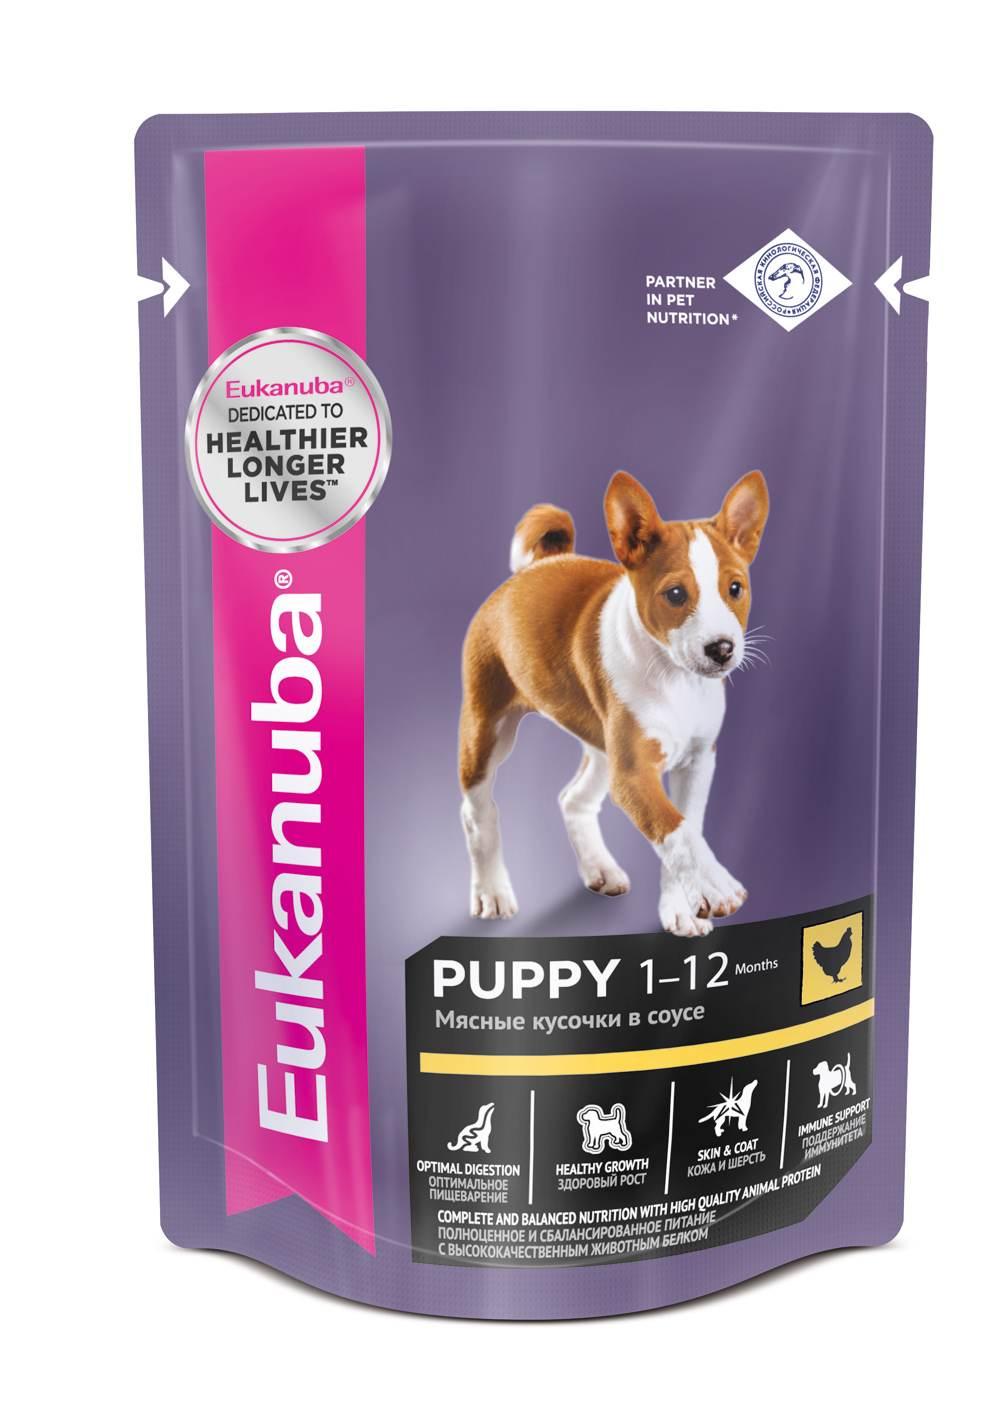 Корм консервированный Eukanuba EUK Dog. Паучи, для щенков, с курицей, в соусе, 85 г0120710Полноценное и сбалансированное питание для щенков всех пород в возрасте от 1 до 12 месяцев с высококачественным животным белком. ОПТИМАЛЬНОЕ ПИЩЕВАРЕНИЕ Способствует поддержанию здоровой кишечной микрофлоры за счет пребиотиков и клетчатки. ЗДОРОВЫЙ РОСТ Содержит все необходимые минеральные вещества и витамины для здорового роста и развития. КОЖА И ШЕРСТЬ Поддерживает здоровье кожи и красоту шерсти при помощи оптимального соотношения омега-З и омега-6 жирных кислот. ПОДДЕРЖАНИЕ ИММУНИТЕТА Способствует поддержанию иммунной системы за счет антиоксидантов.